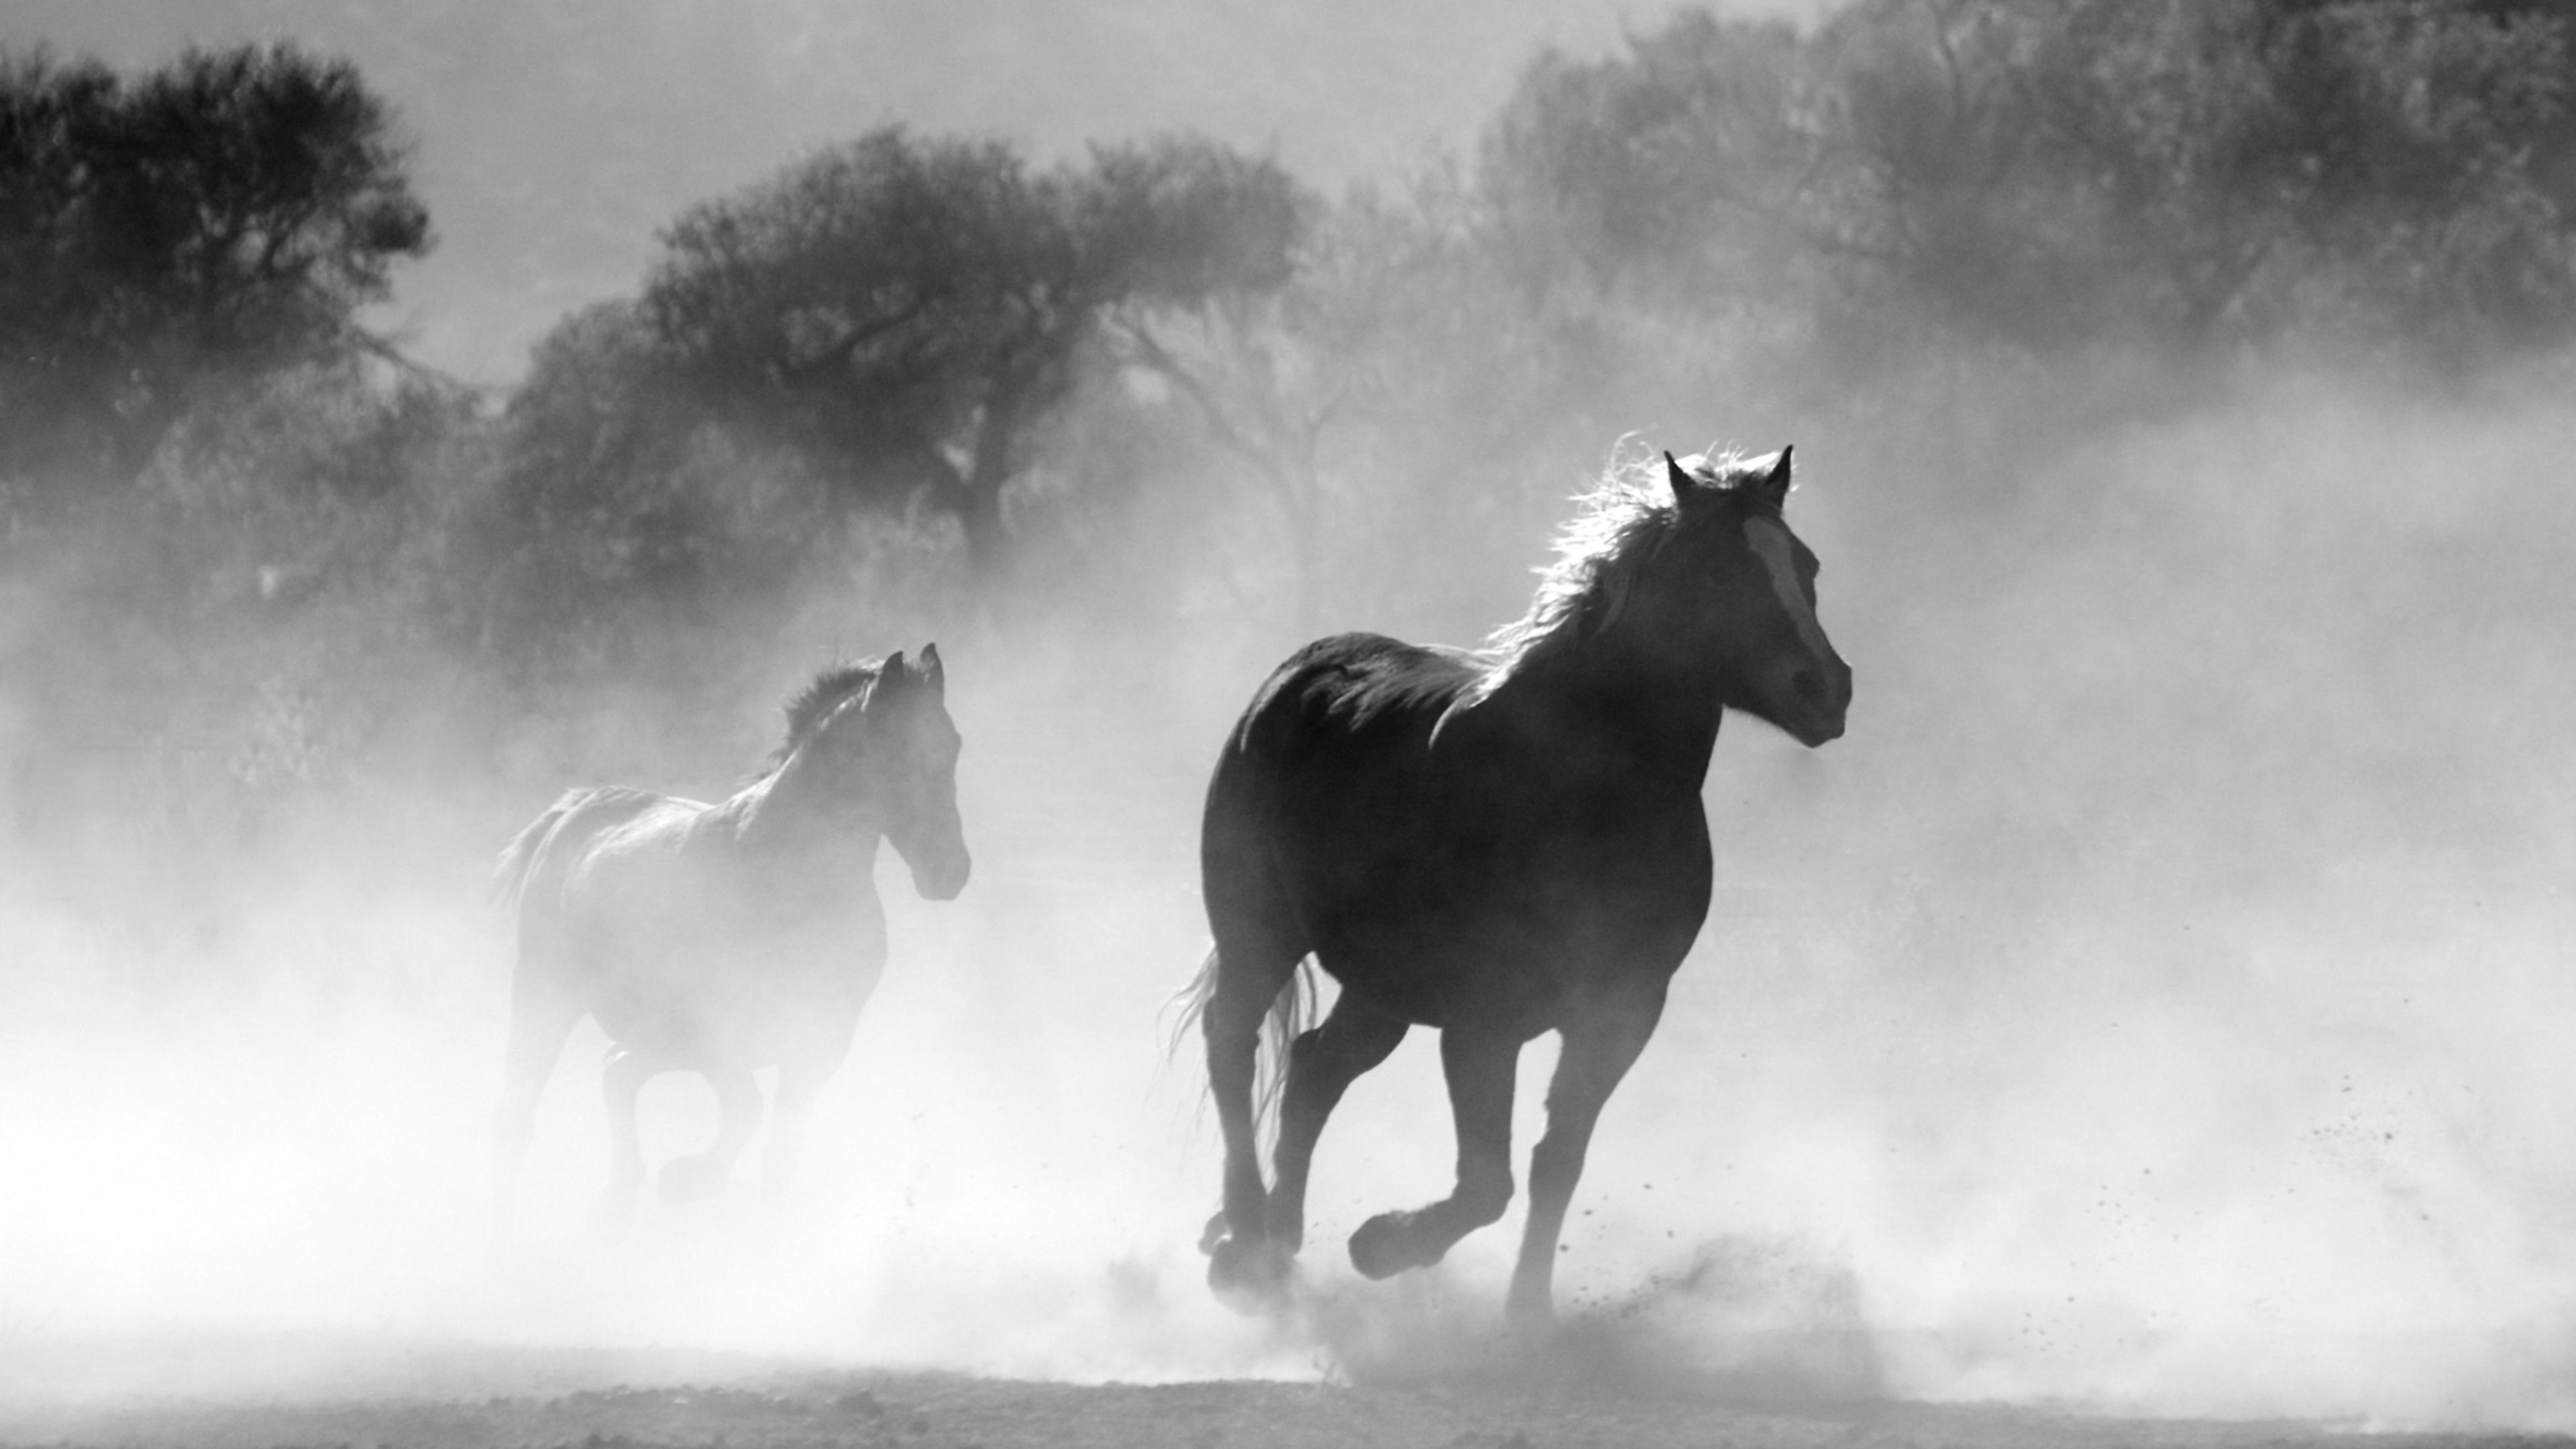 Wallpaper 4k Horses Running Dust Monochrome 4k 4k Wallpapers